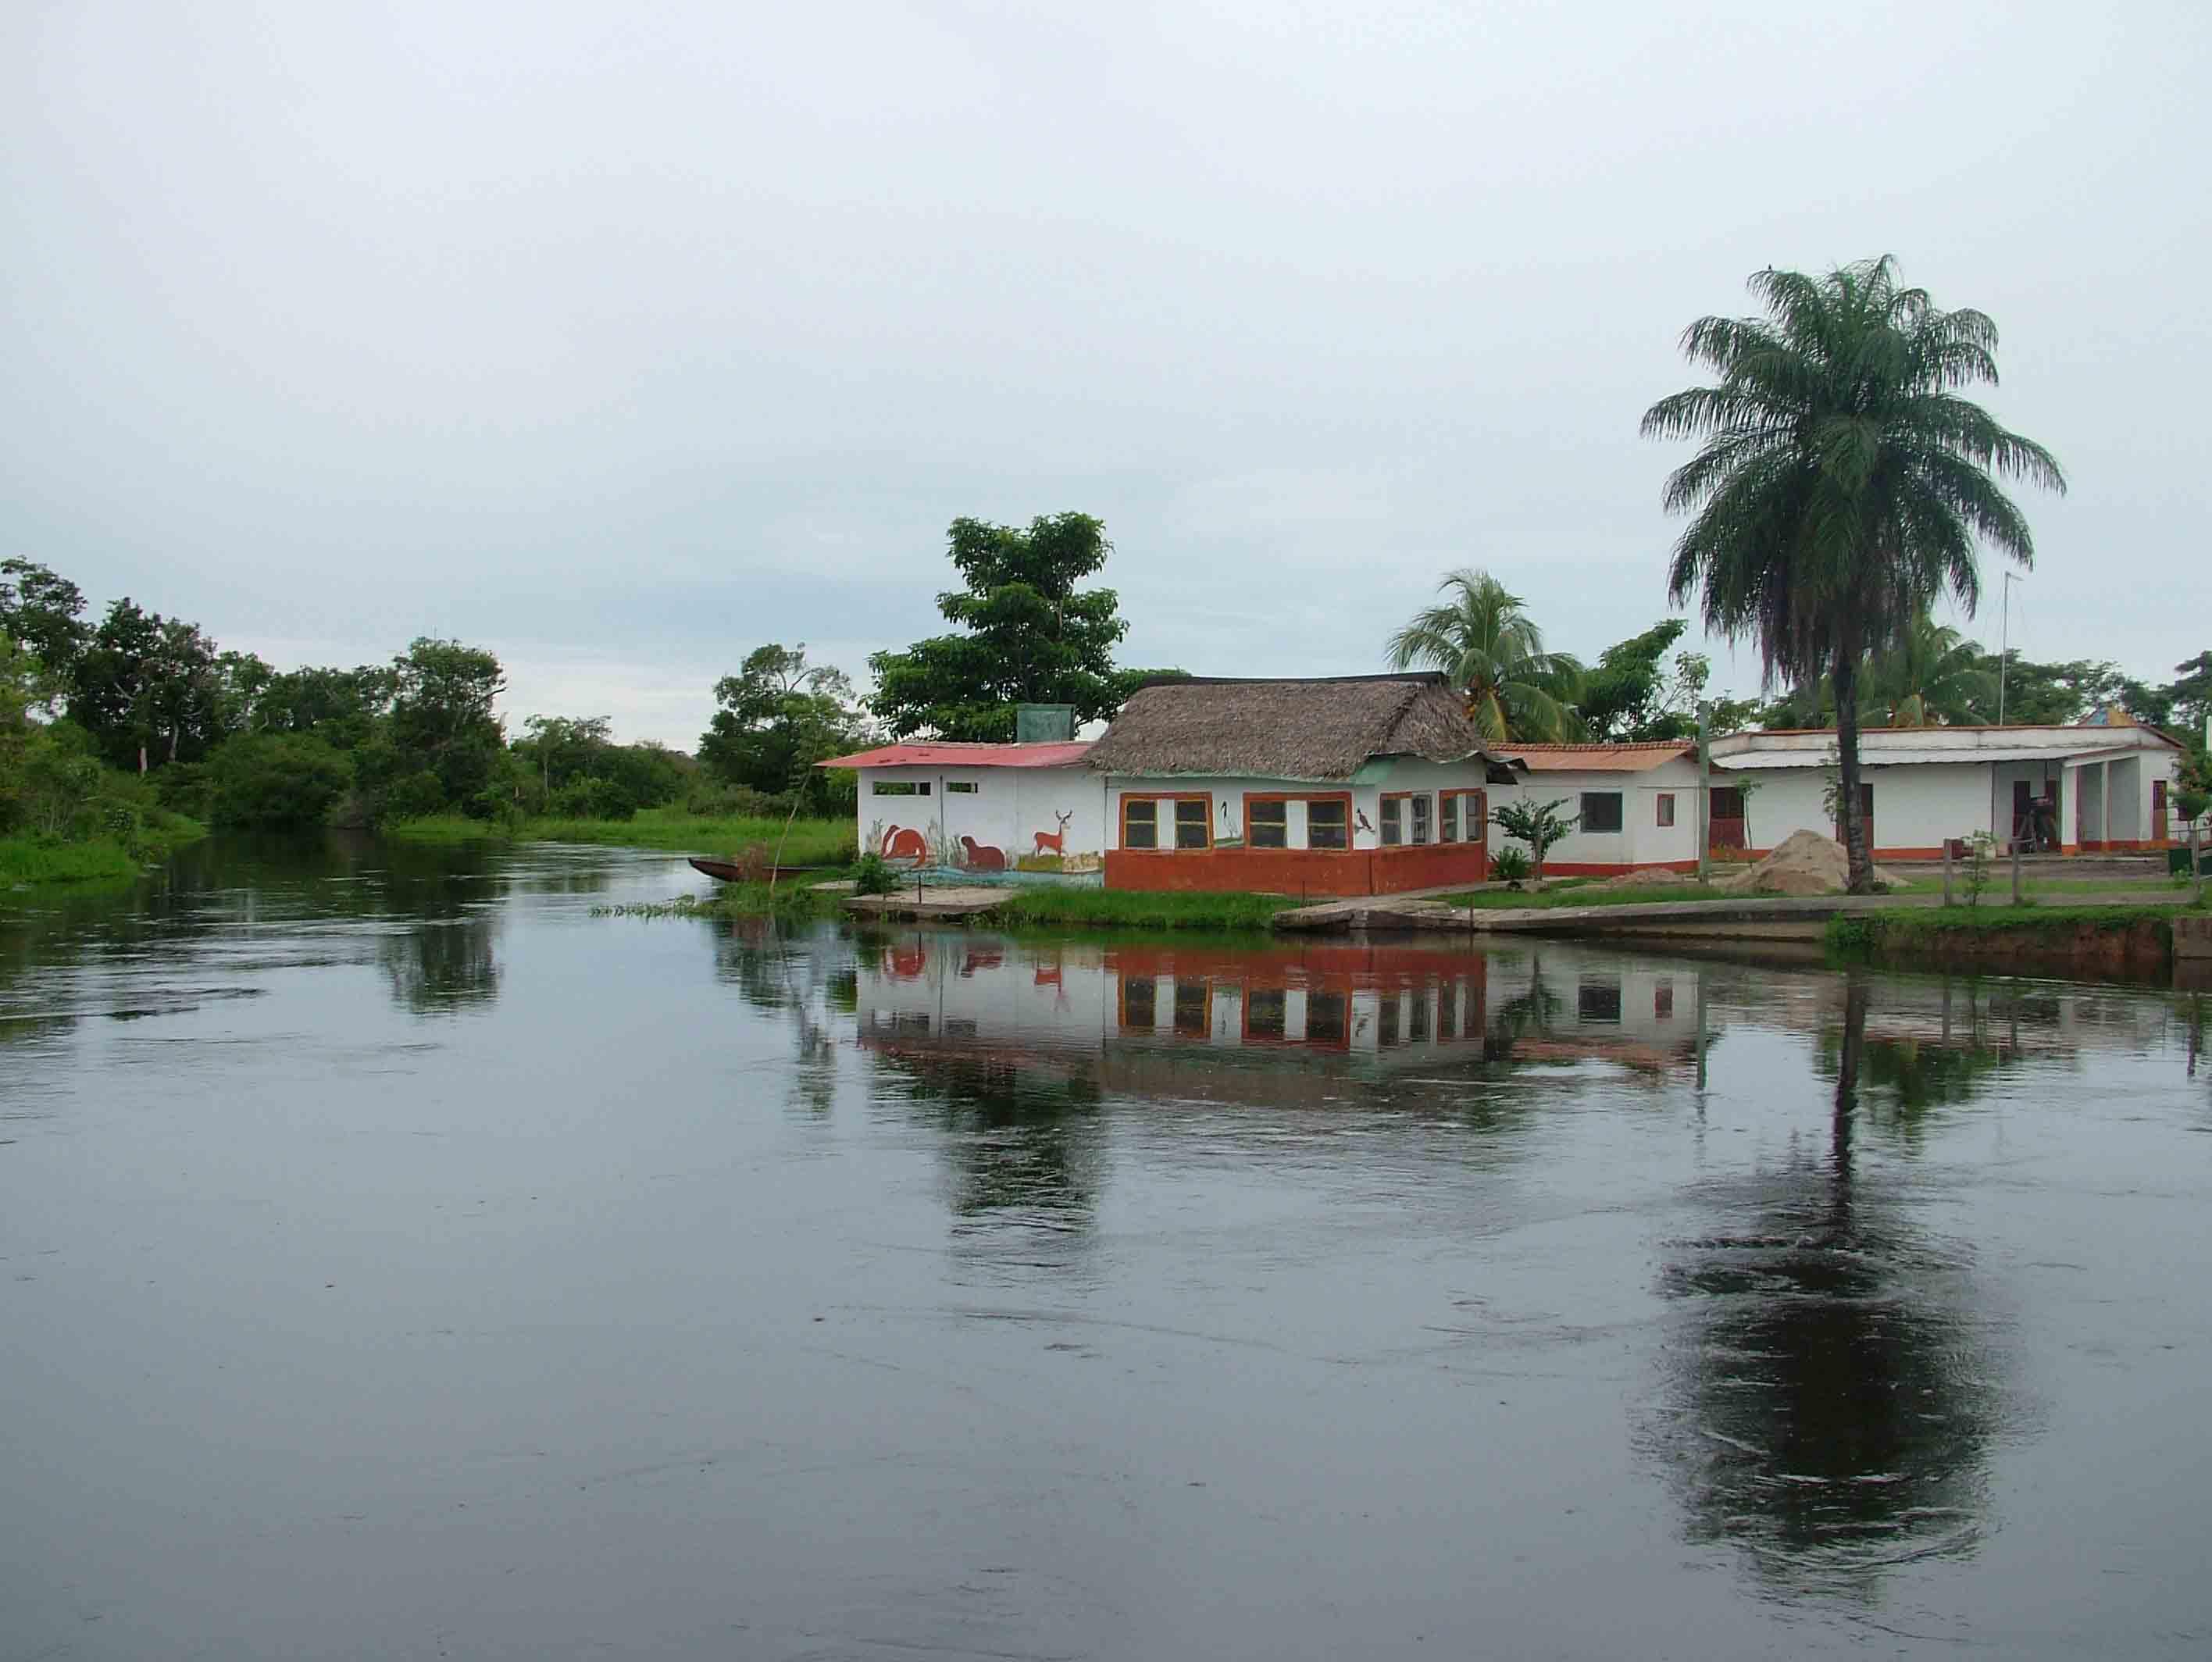 Le pianure si inondano regolarmente all esondazione dei fiumi nel periodo delle piogge aprile novembre per poi asciugarsi nella stagione secca